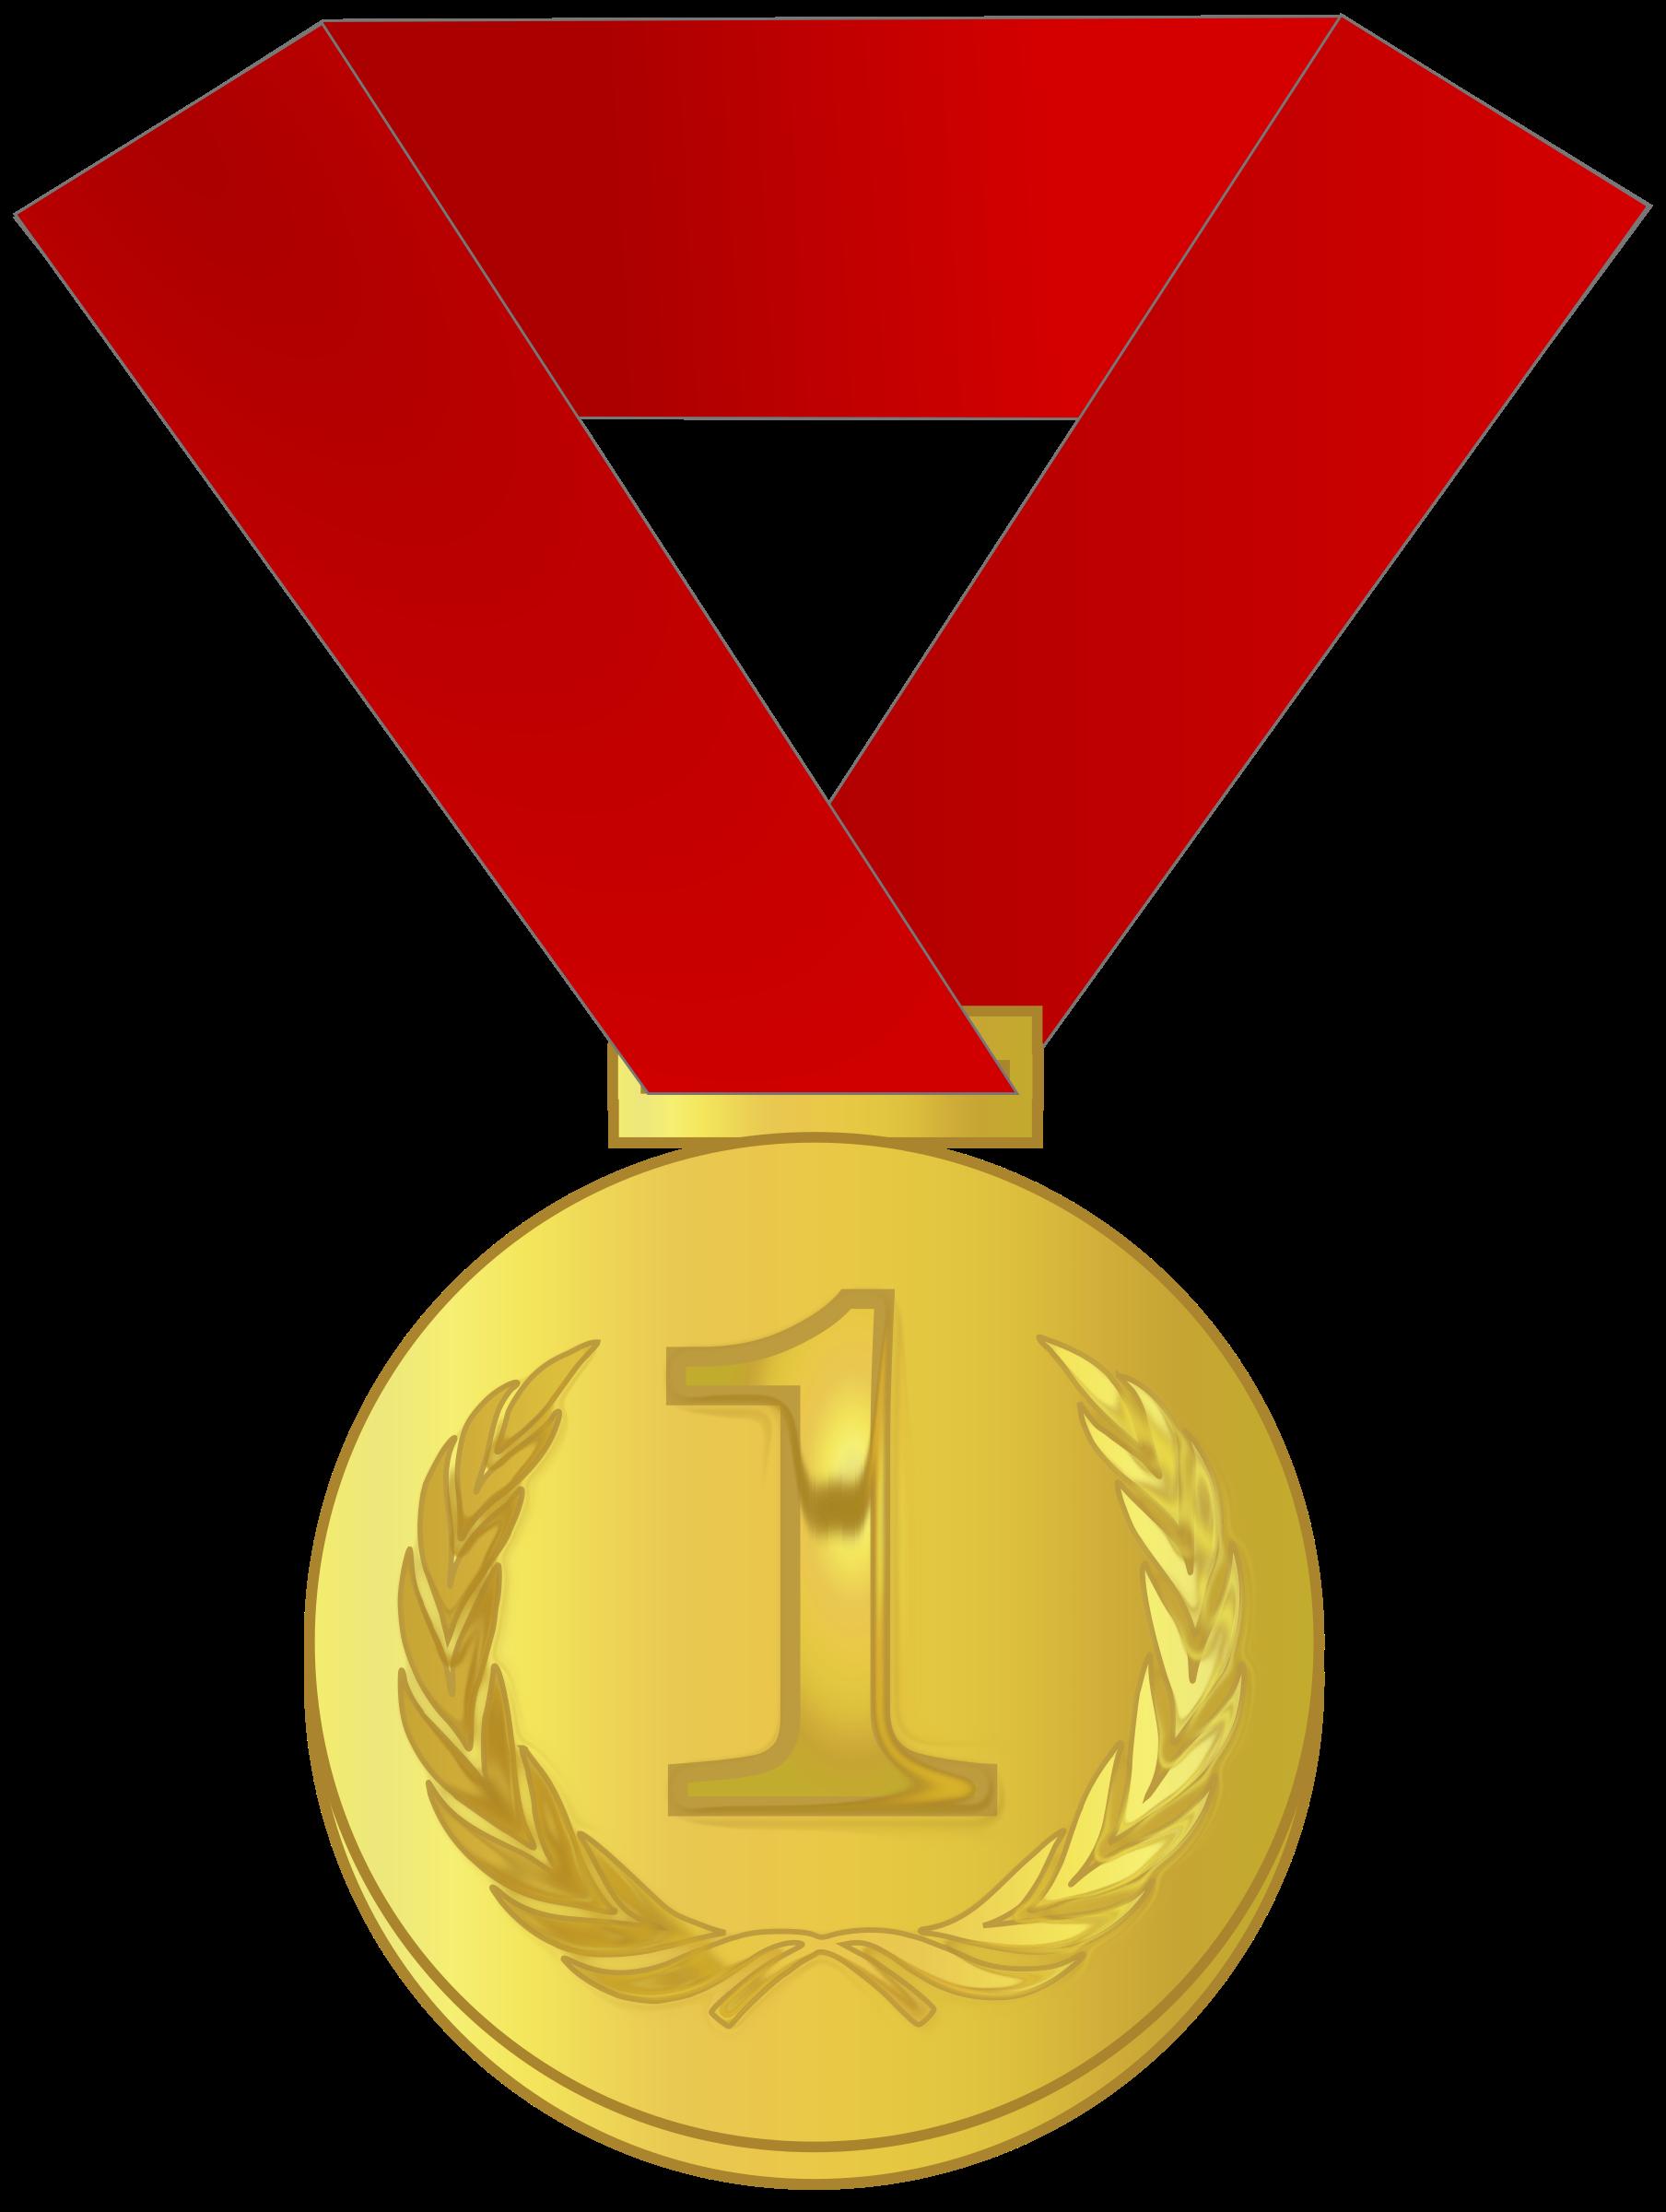 Medal clipart achievement.